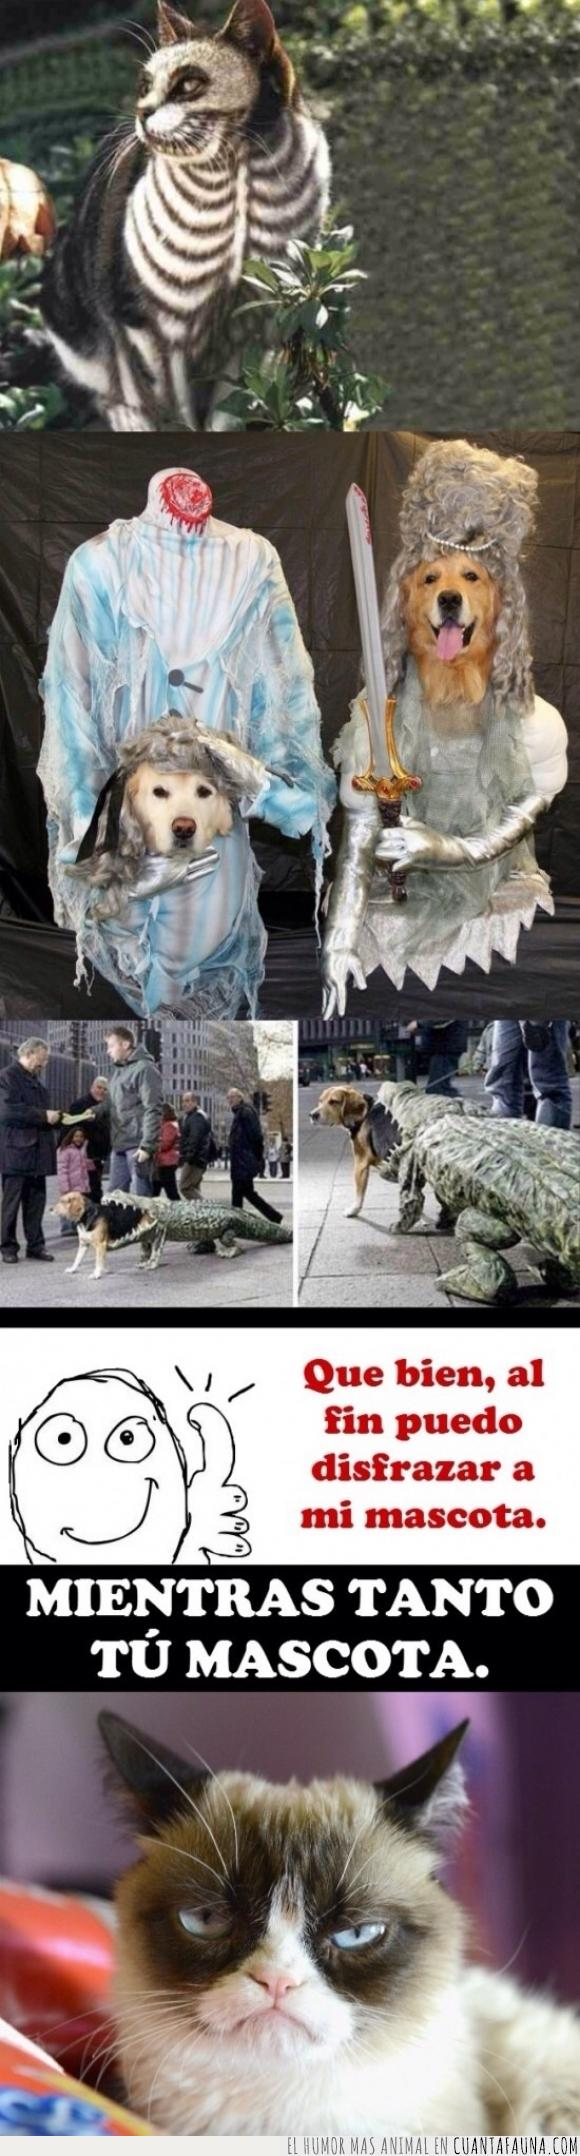 Disfraces,disfraz,disfrazar,gatos,Grumpy cat,halloween,mascotas,perro